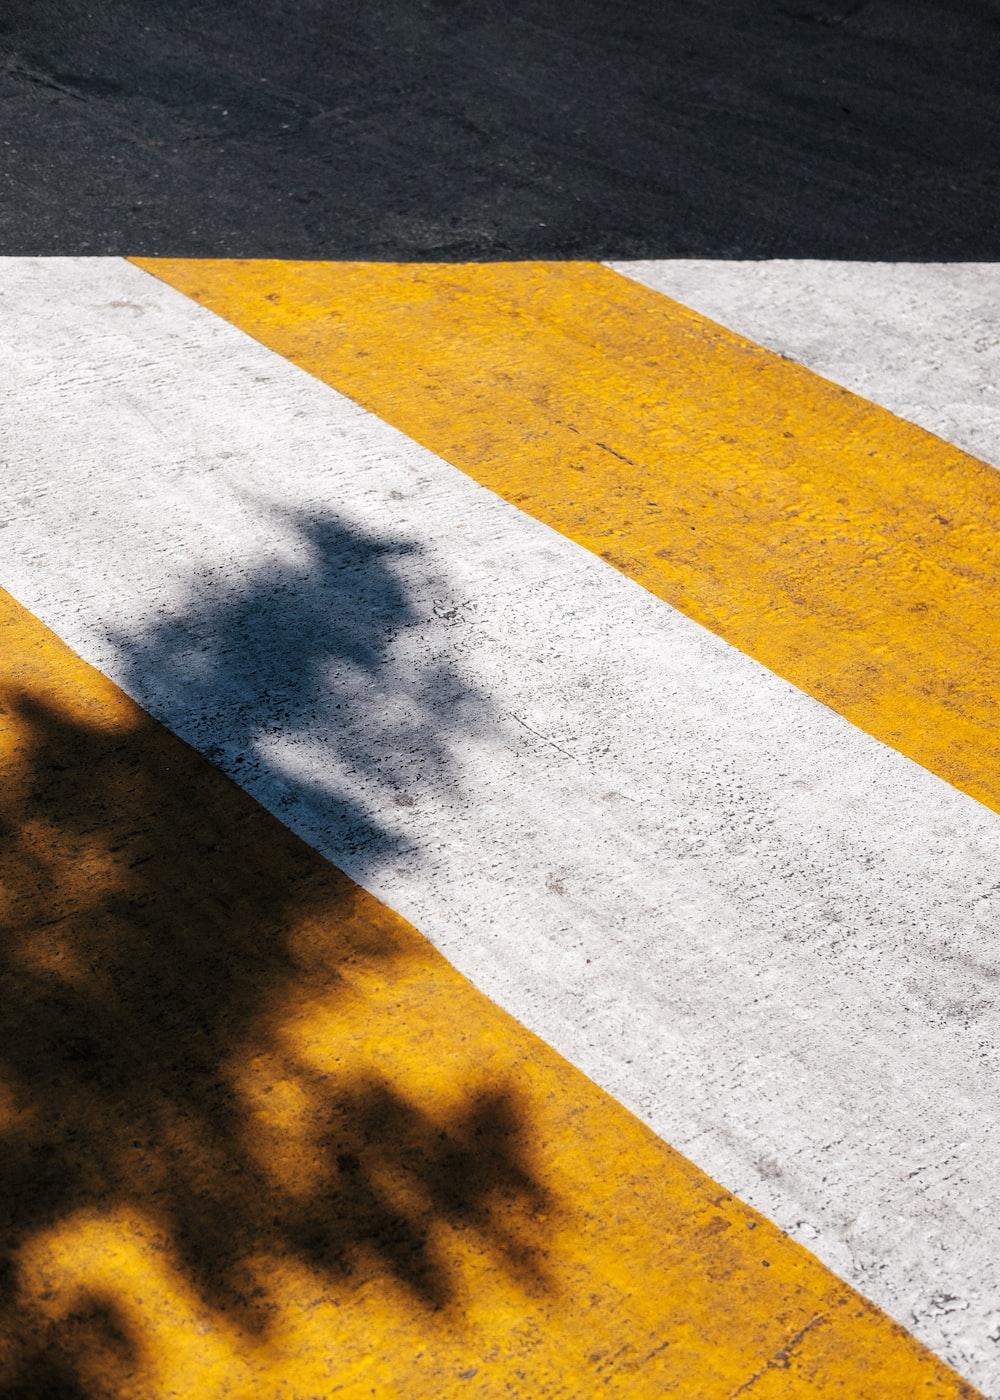 yellow and white pedestrian lane